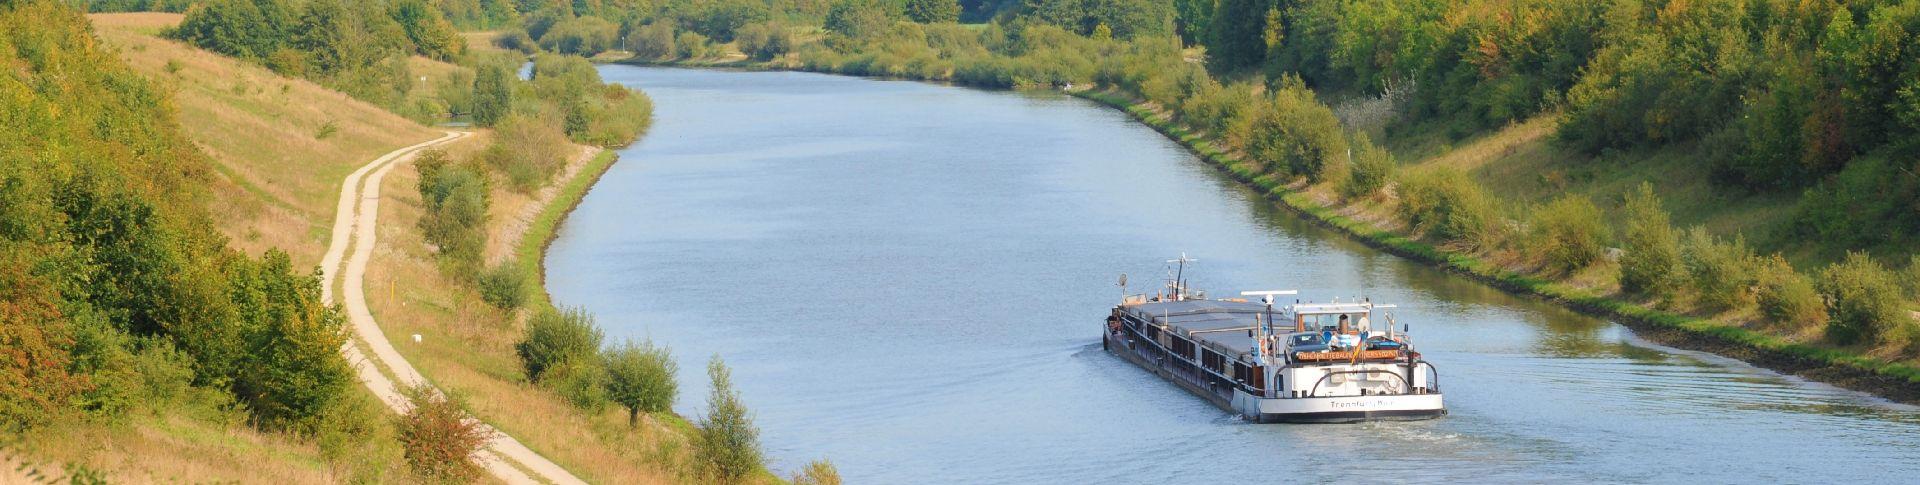 Kanalerlebnis mit Weitblick - tolle Wanderwege im Gemeindegebiet Freystadt.